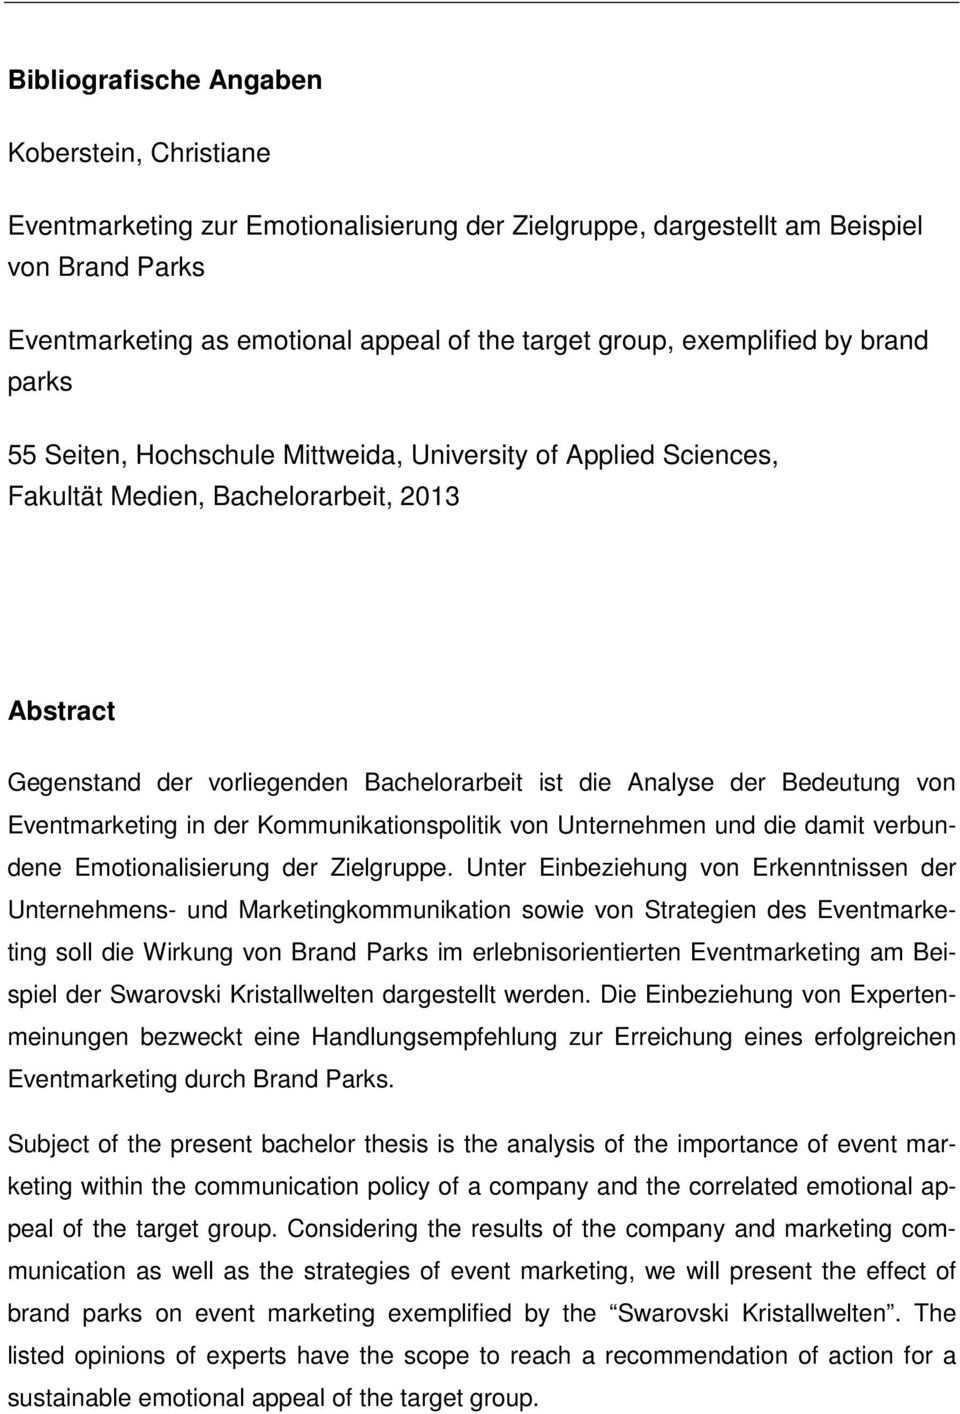 Bachelorarbeit Eventmarketing Zur Emotionalisierung Am Beispiel Von Brand Parks Christiane Koberstein Pdf Kostenfreier Download